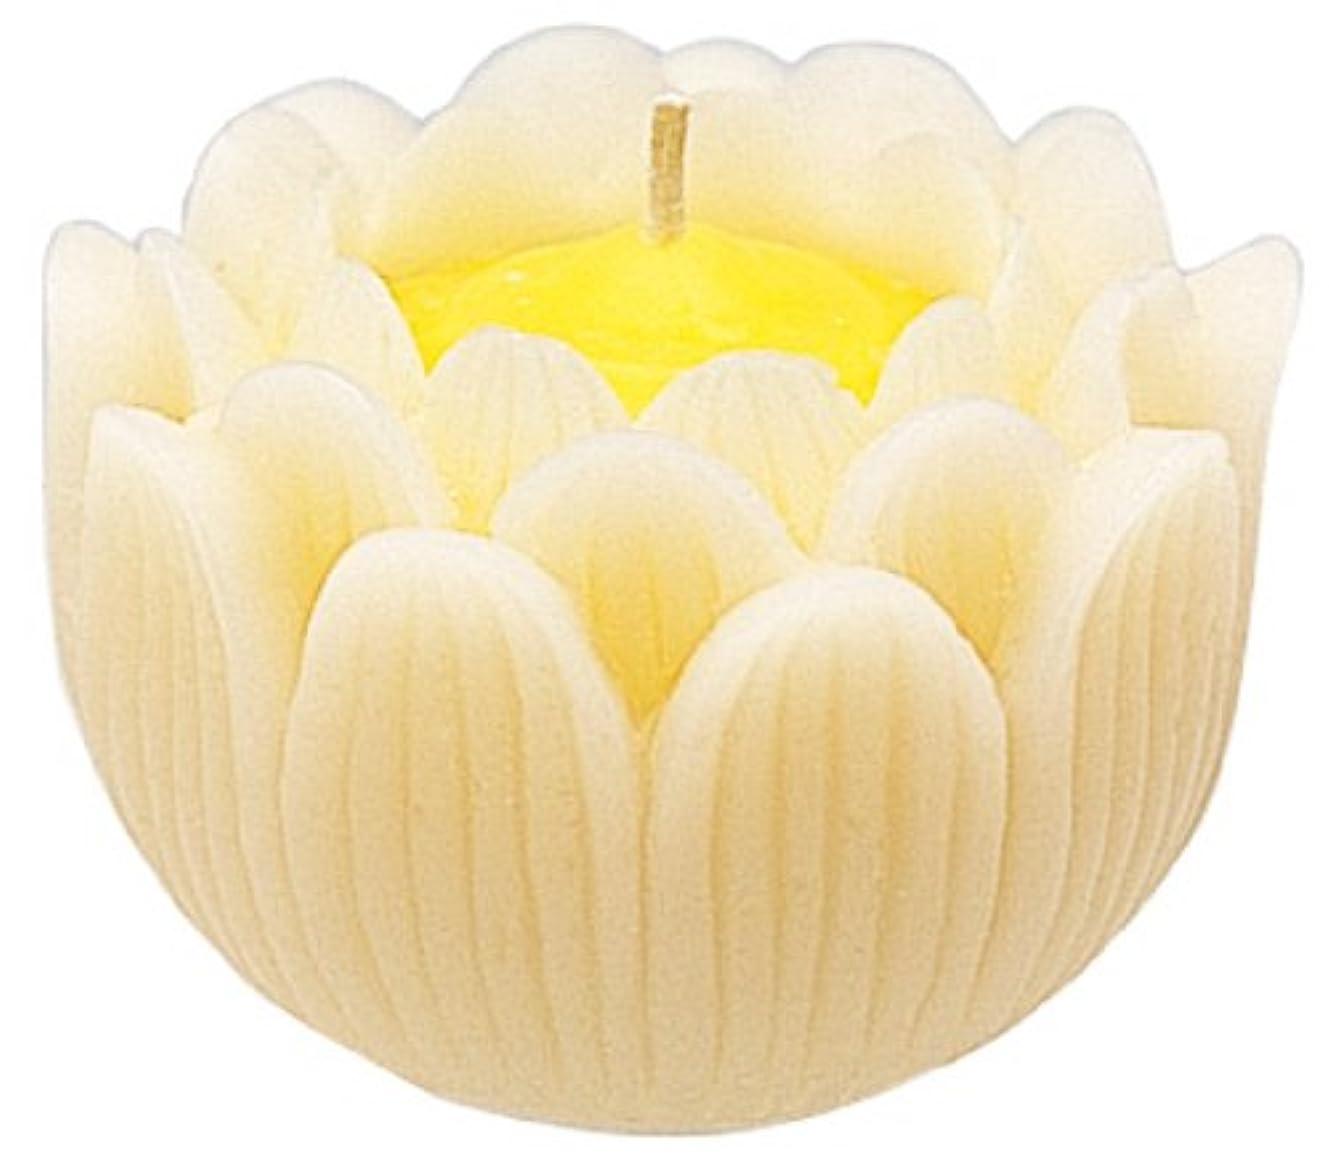 先のことを考える熟考するきれいにマルエス ろうそく 蓮の花 大 ホワイト 箱入り